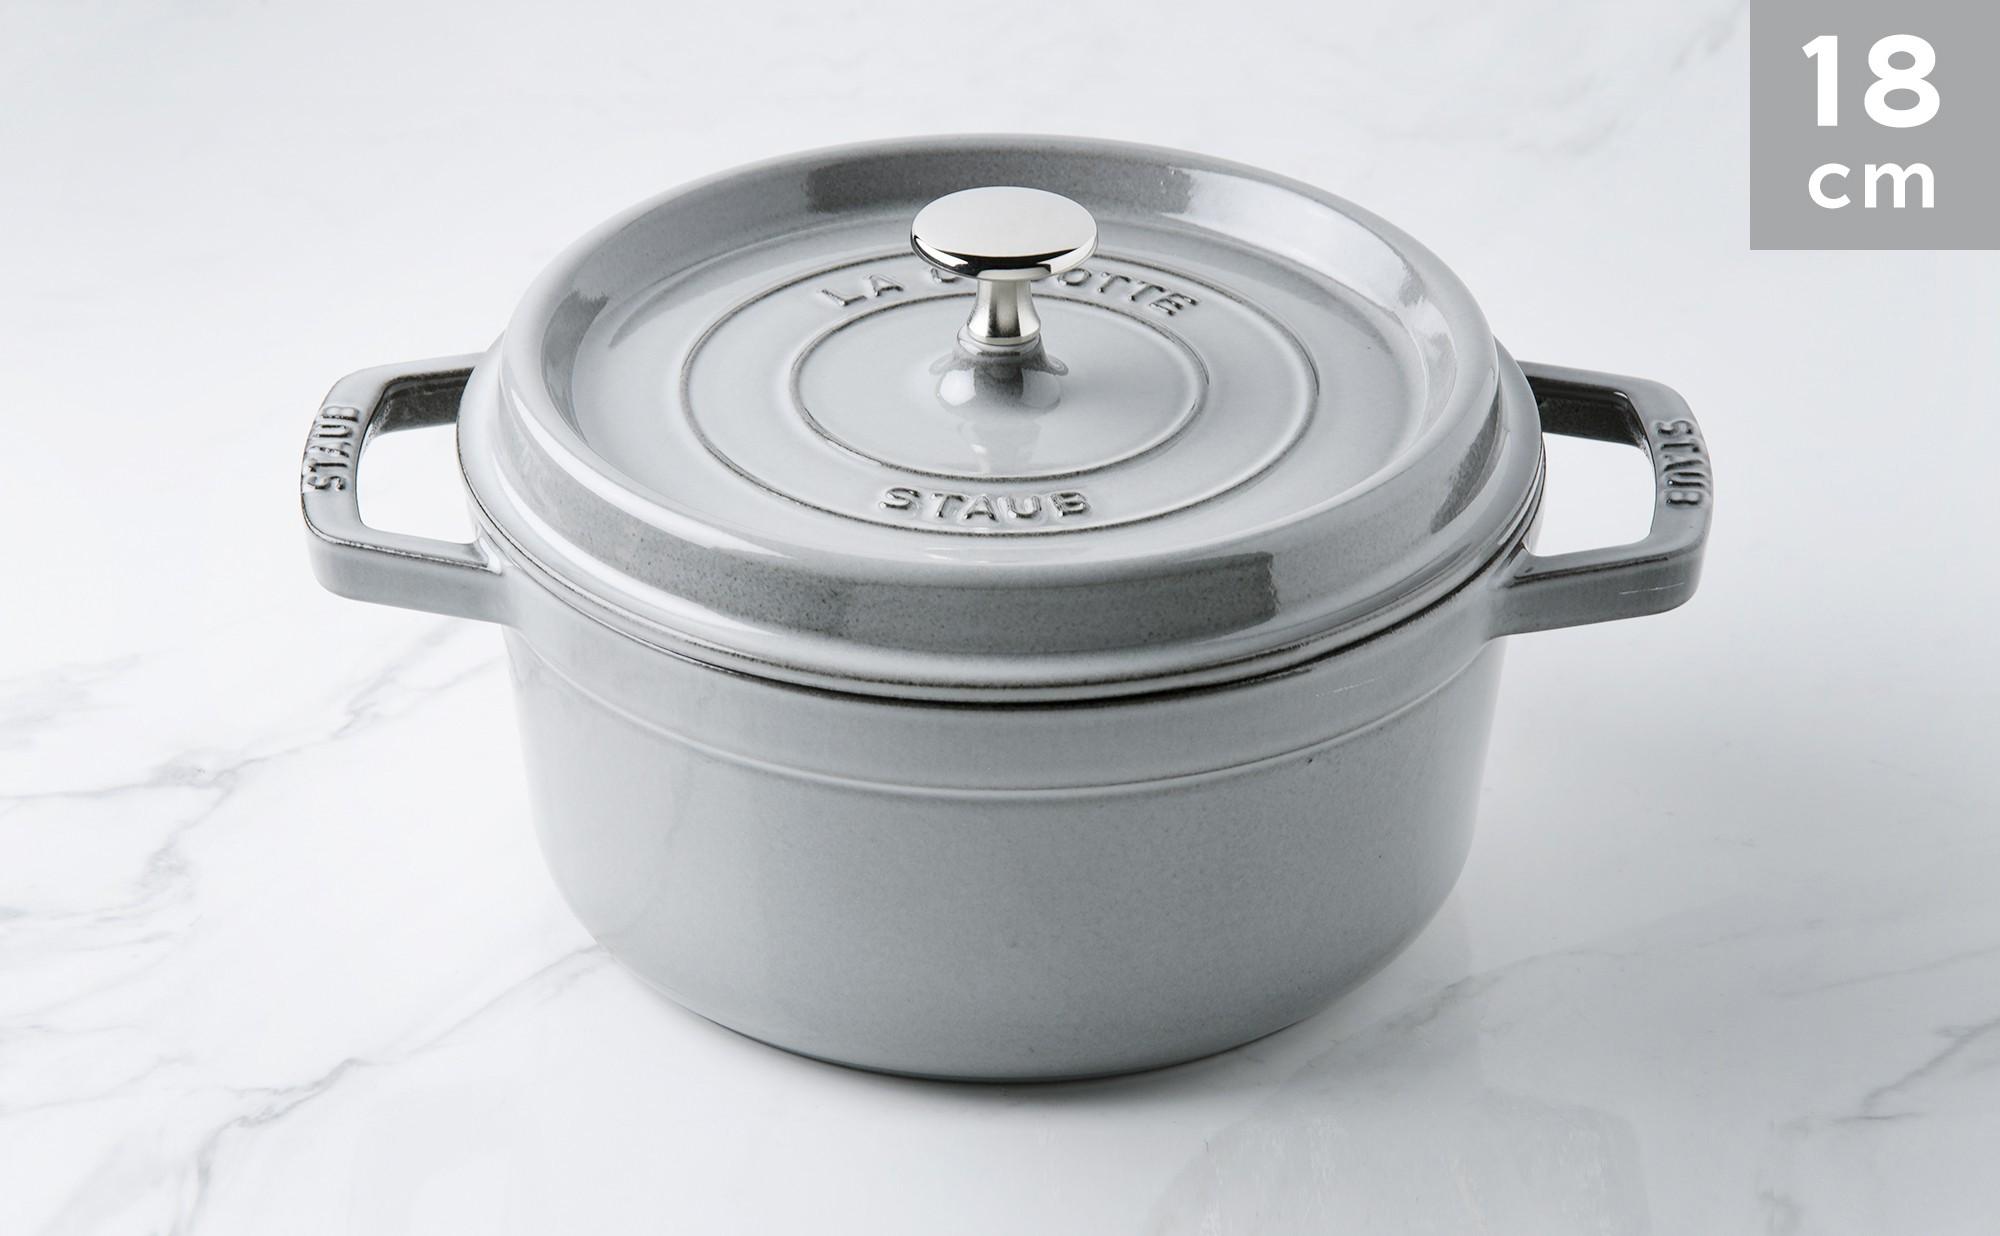 Batterie De Cuisine Inox 18 10